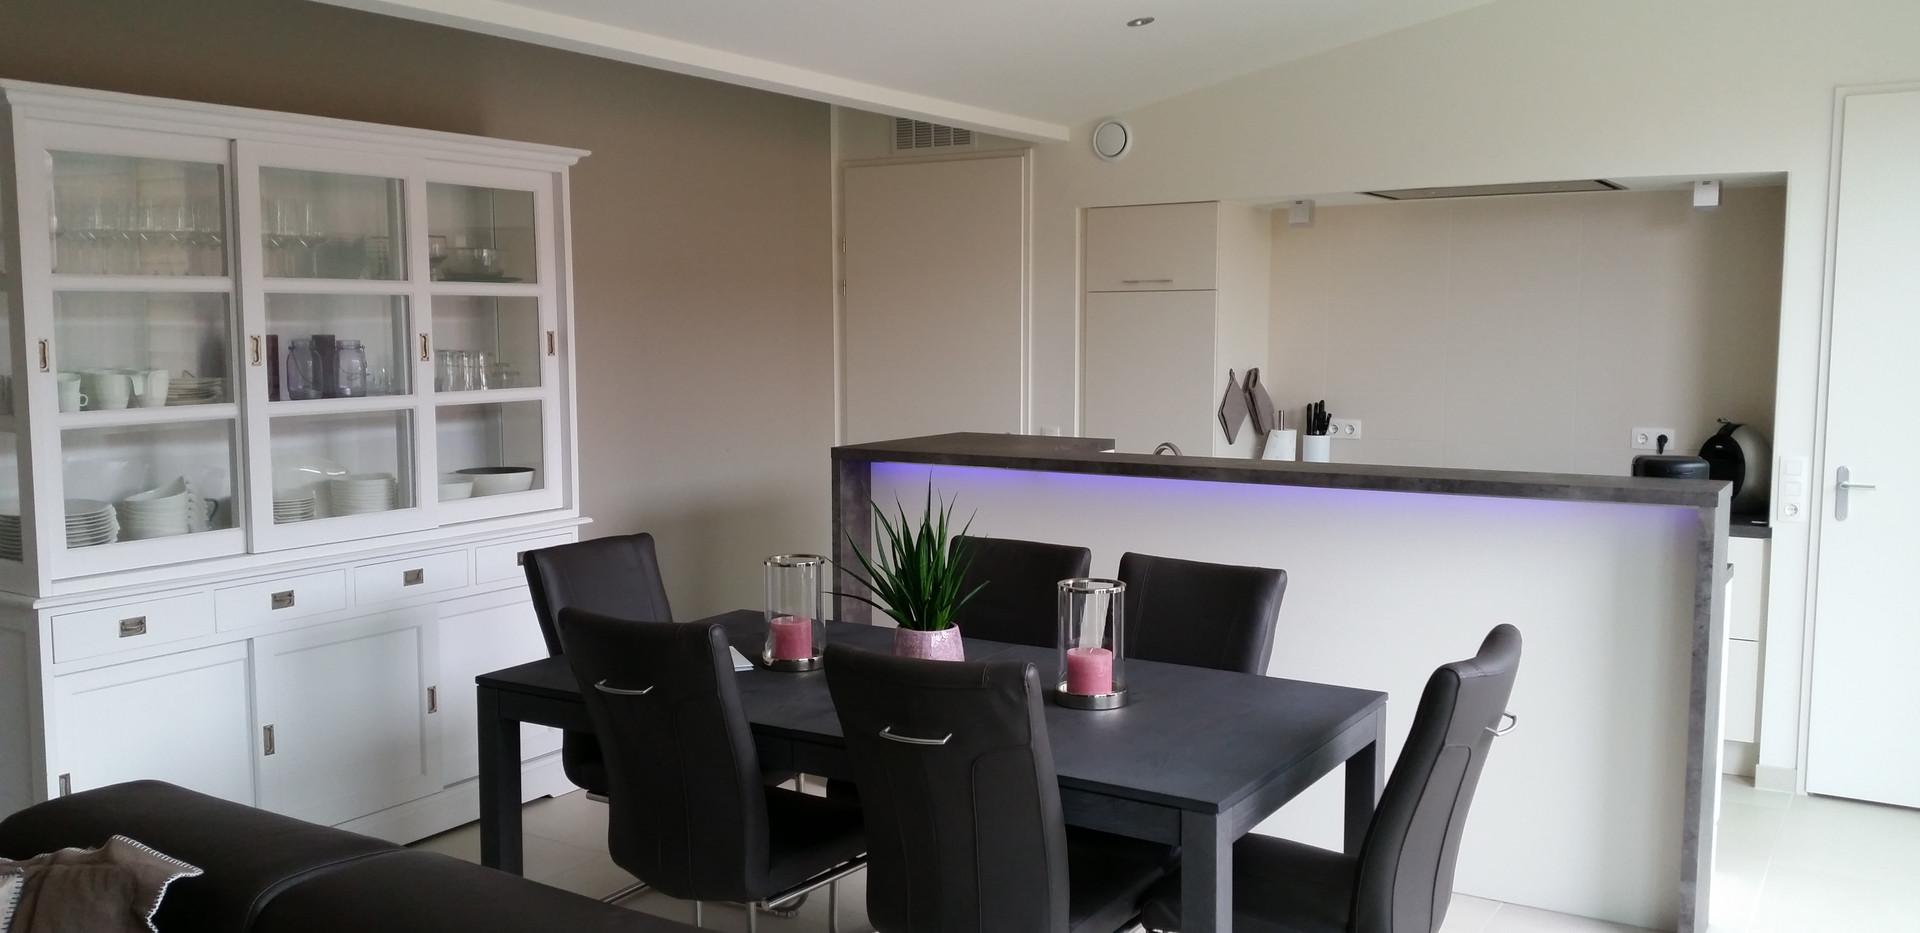 Wohnzimmer und Küche Cadzand Ferienwohnung